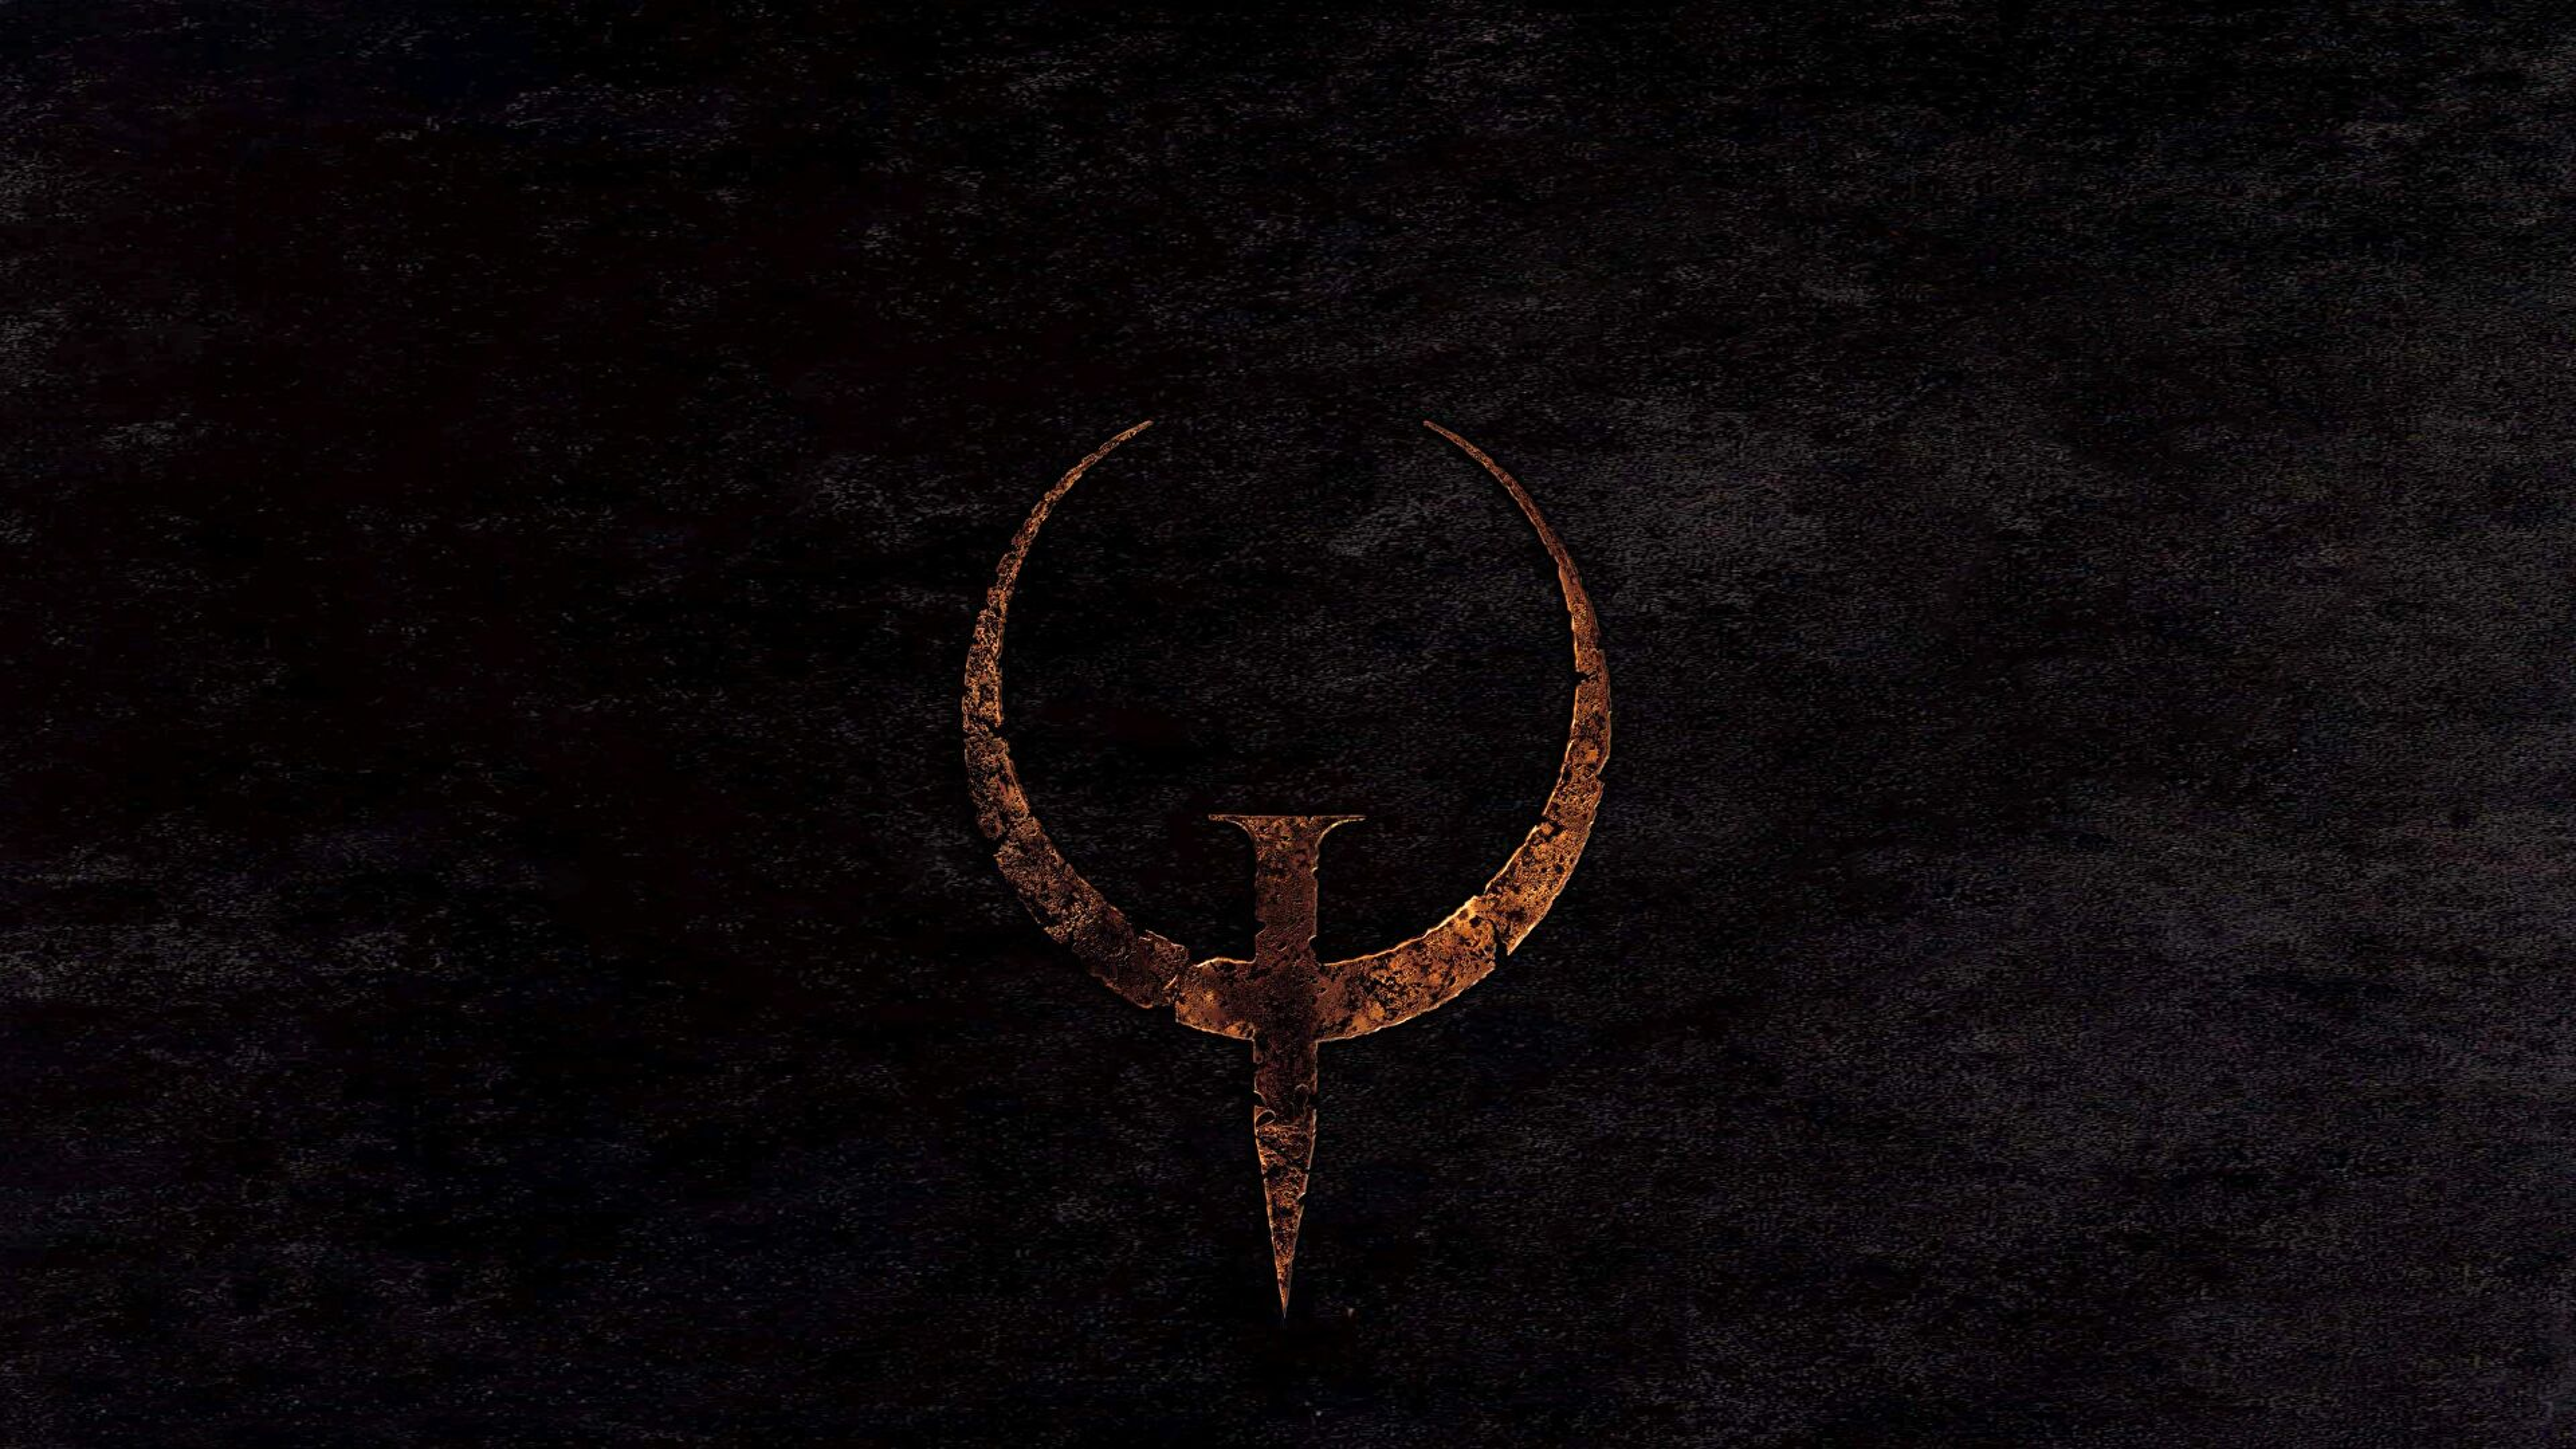 Quake,